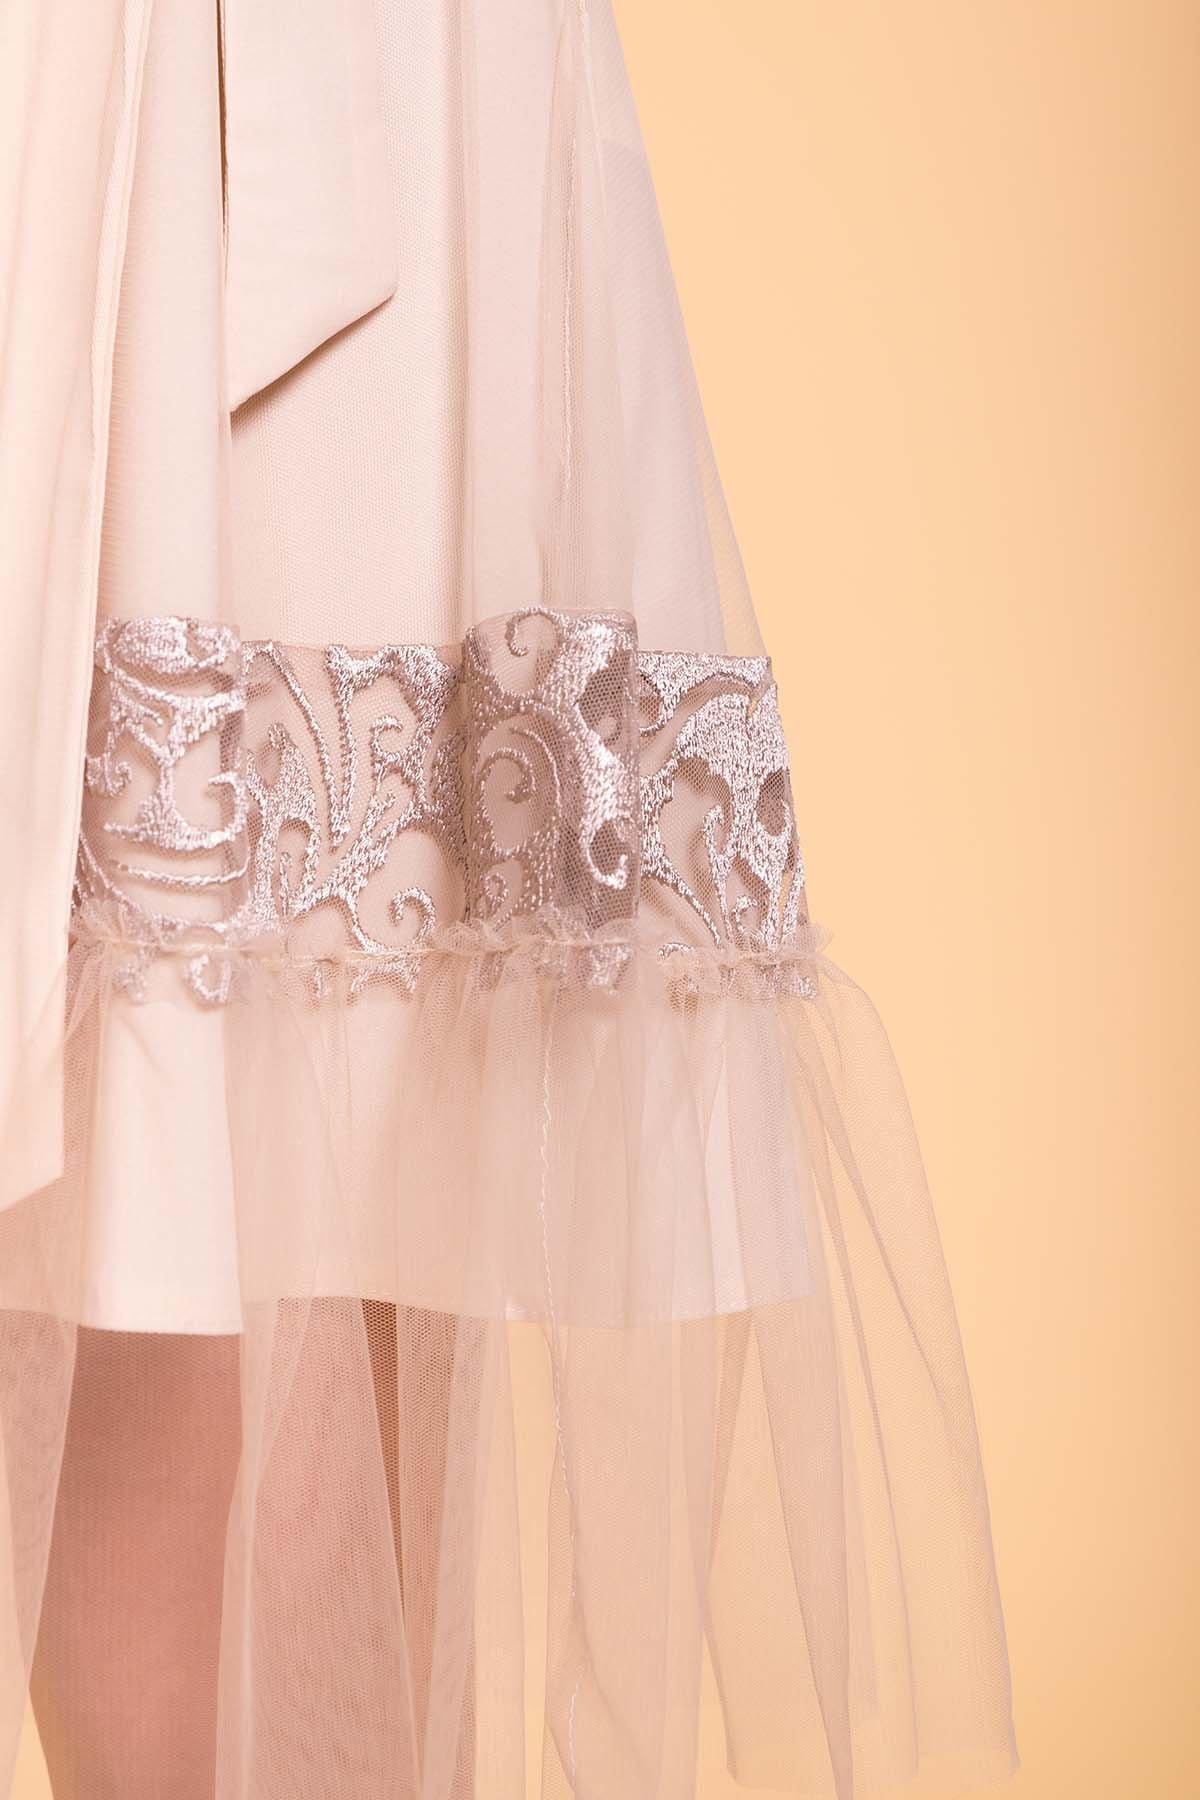 Платье Риана 6701 АРТ. 41937 Цвет: Бежевый/бежевый/бежевый - фото 4, интернет магазин tm-modus.ru